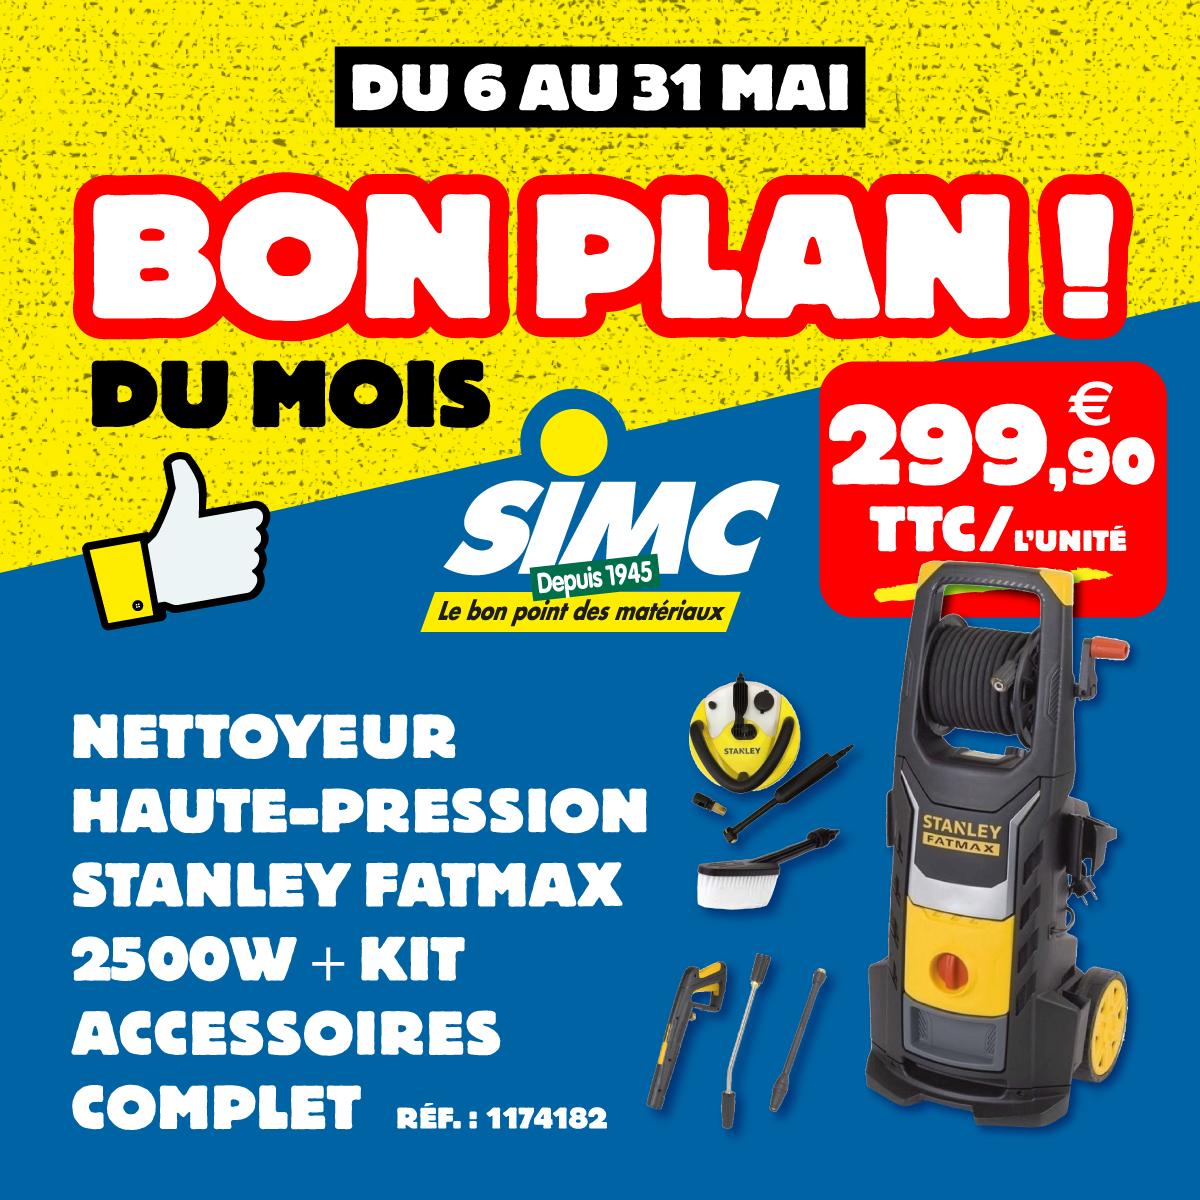 Le_Bon_Plan_Mai